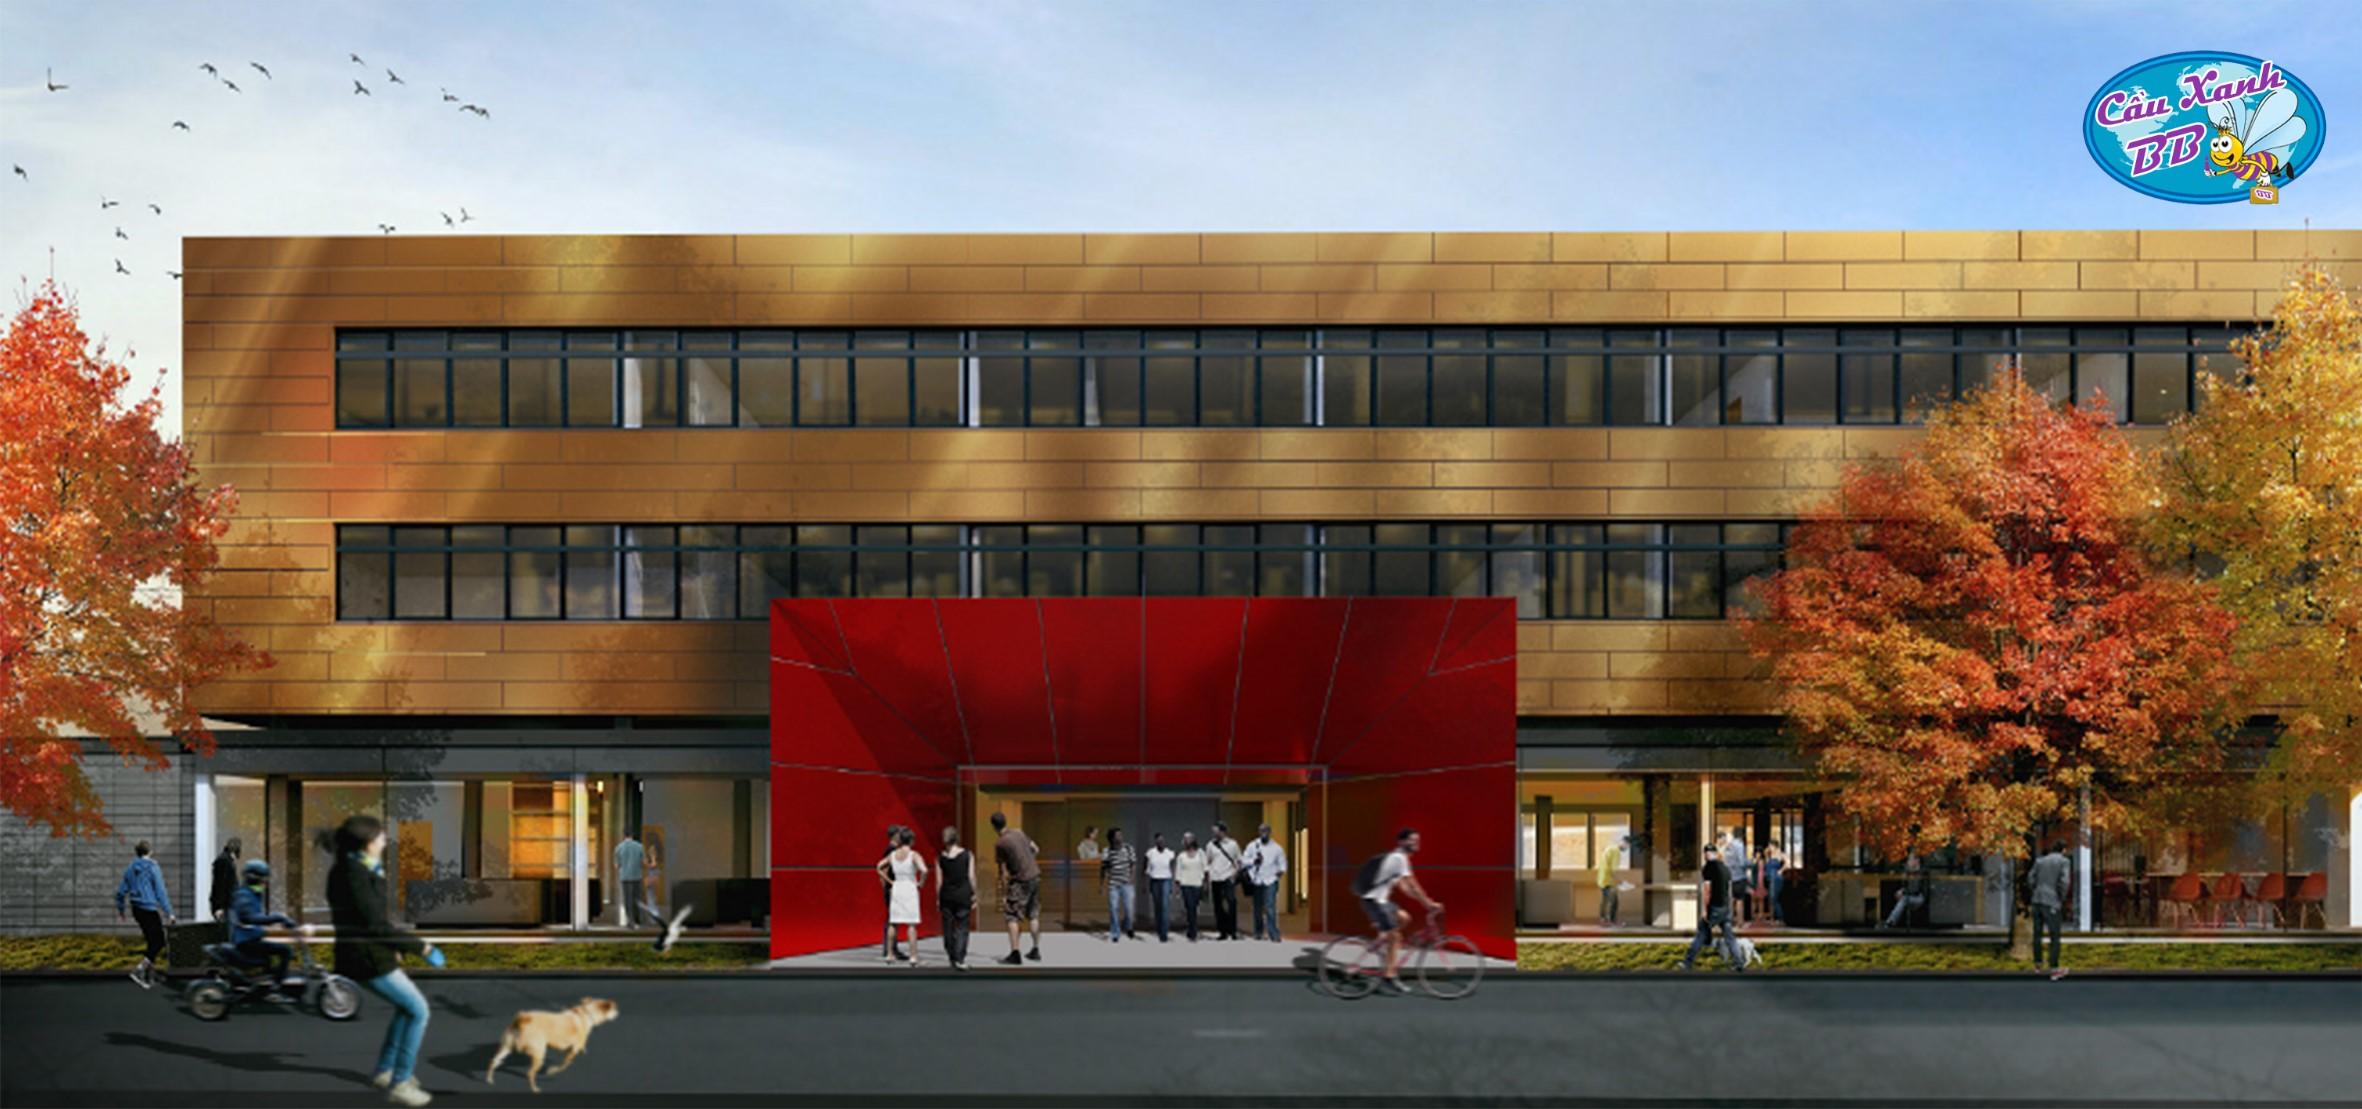 Du học Anh quốc: Trường Neath Port Talbot College (NPTC)